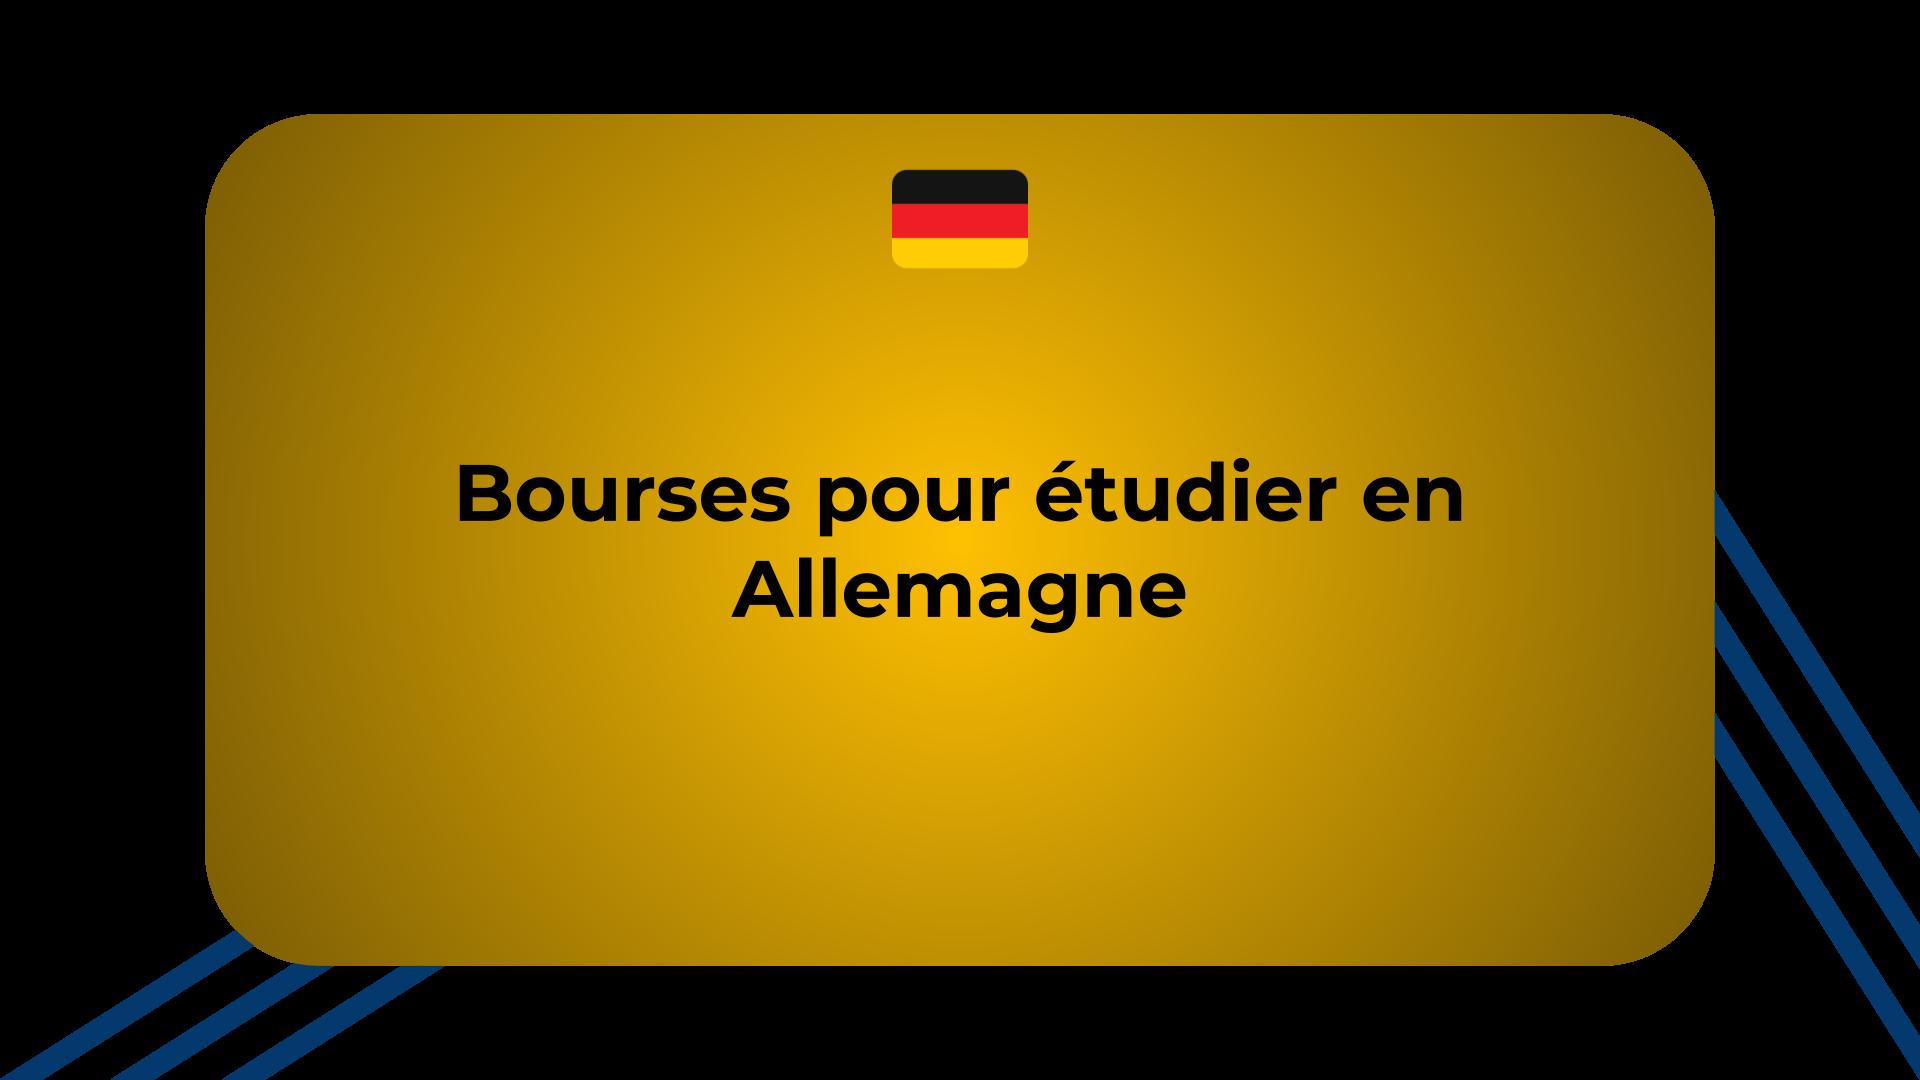 Bourses pour étudier en Allemagne